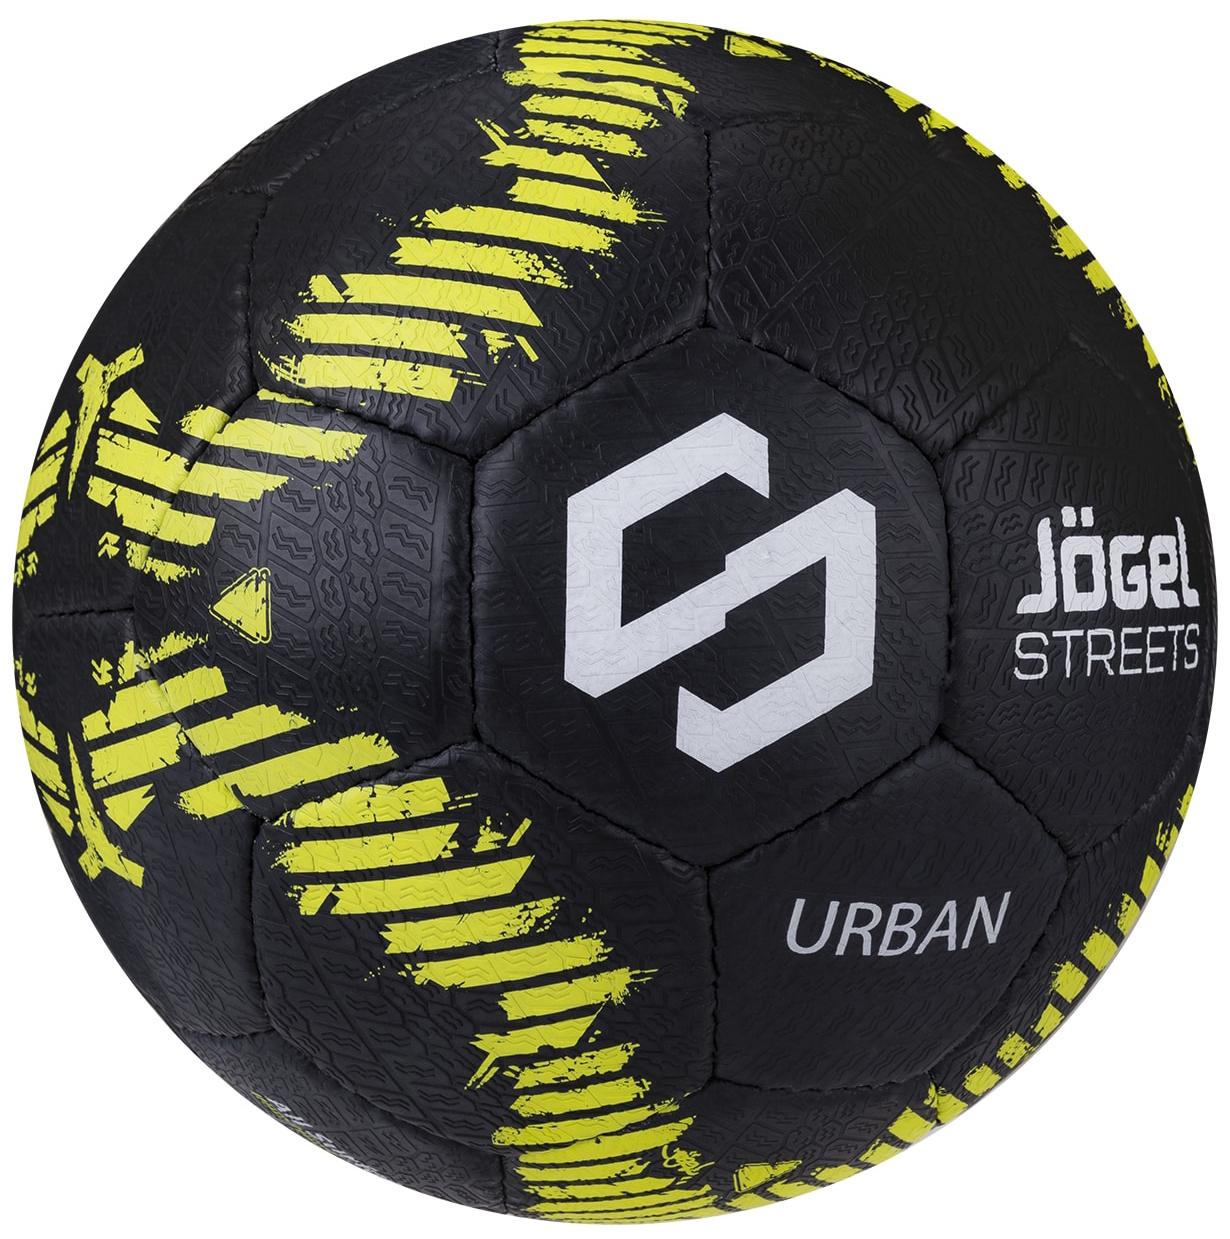 Мяч футбольный Jogel JS-1110 Urban. Размер №5